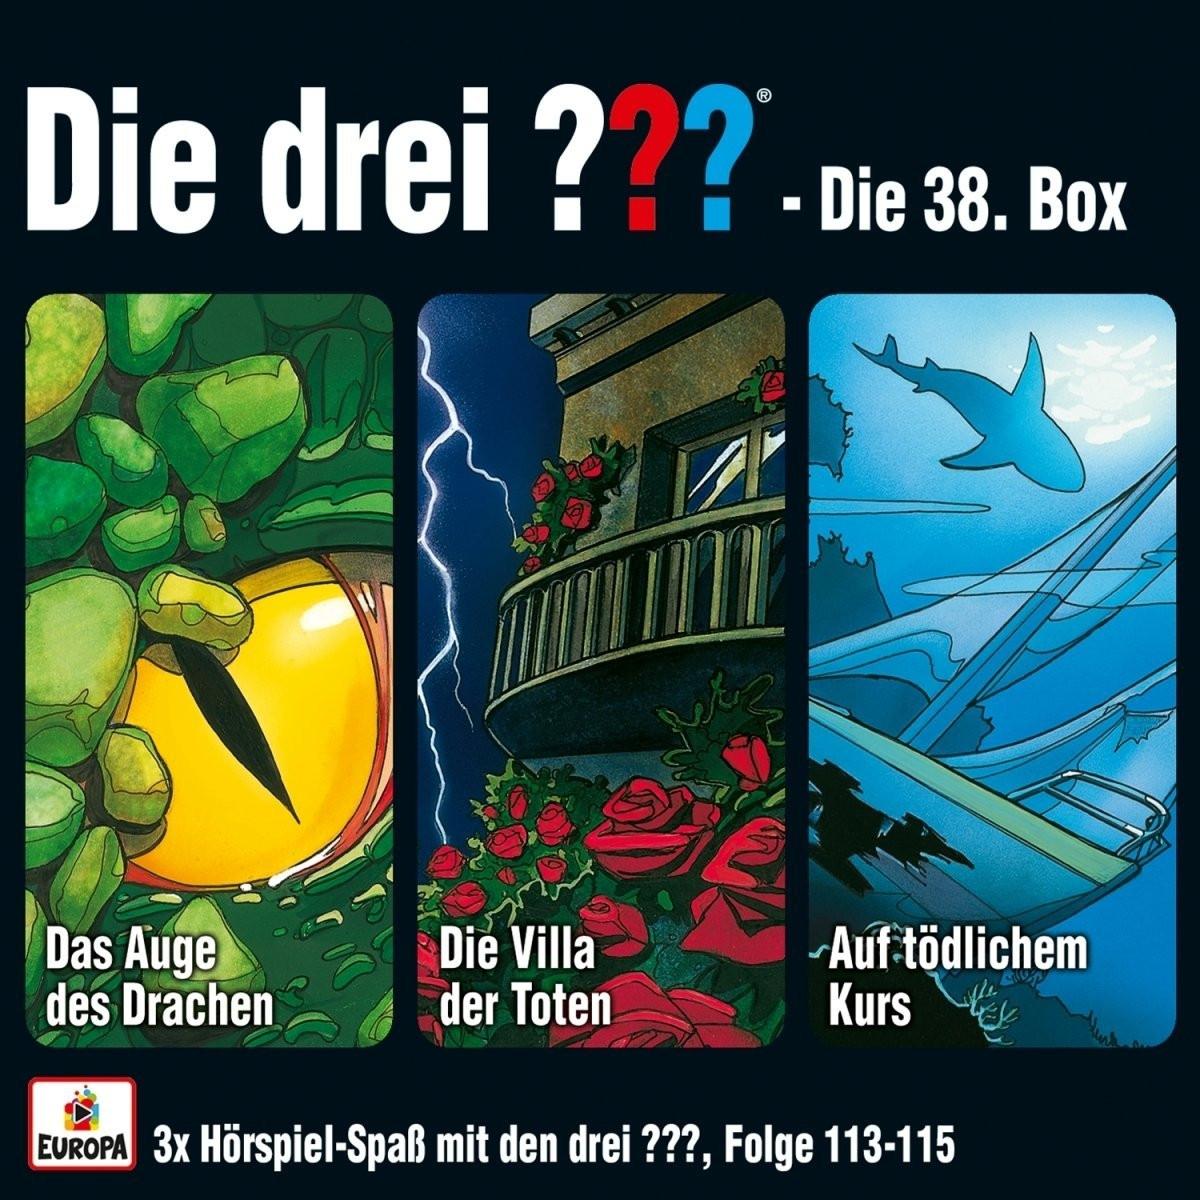 Die drei ??? Fragezeichen - Die 38. Box (Folgen 113, 114, 115)